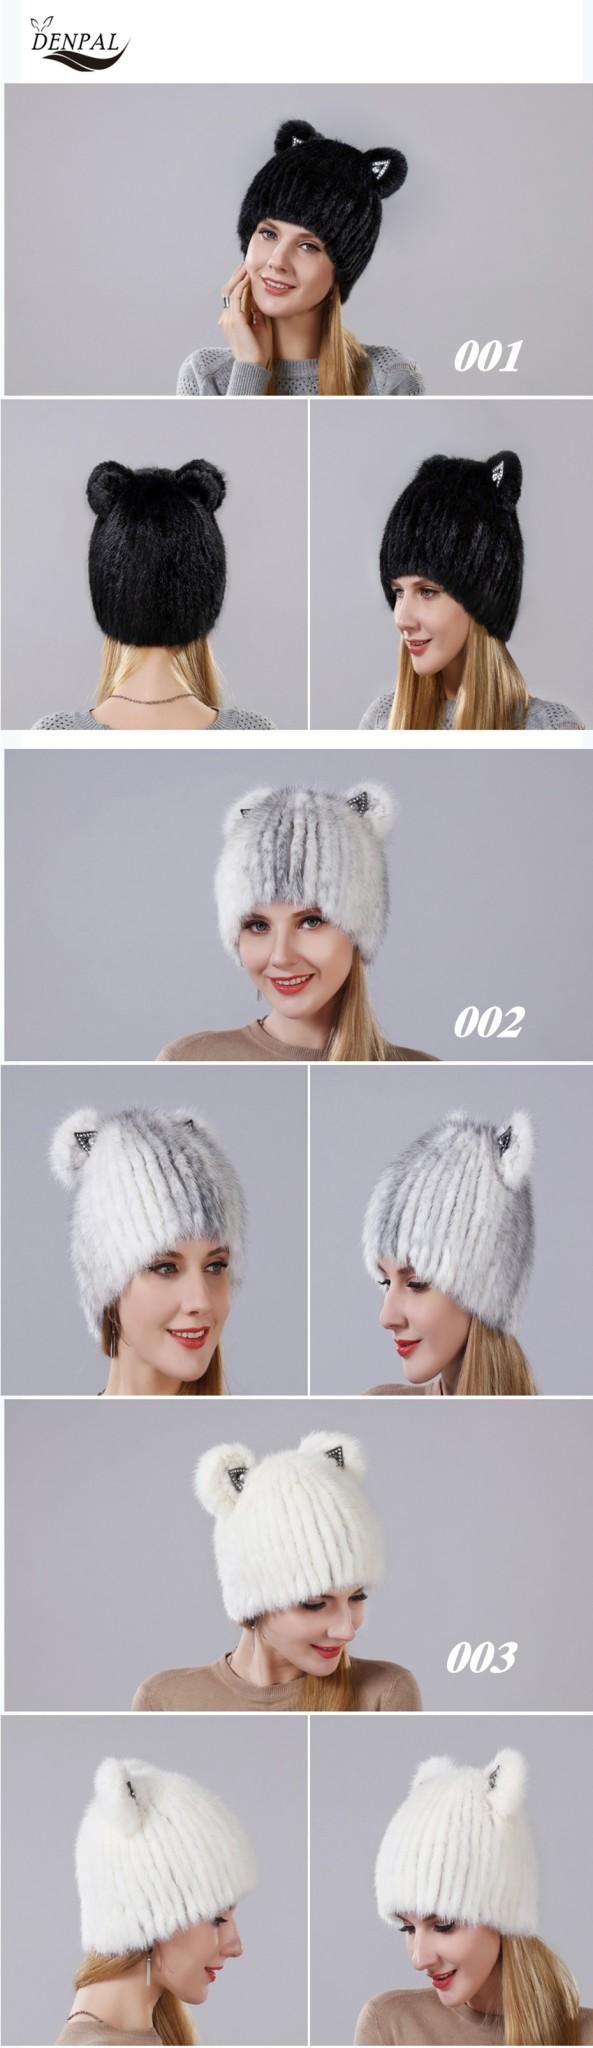 меховые шапки с ушками